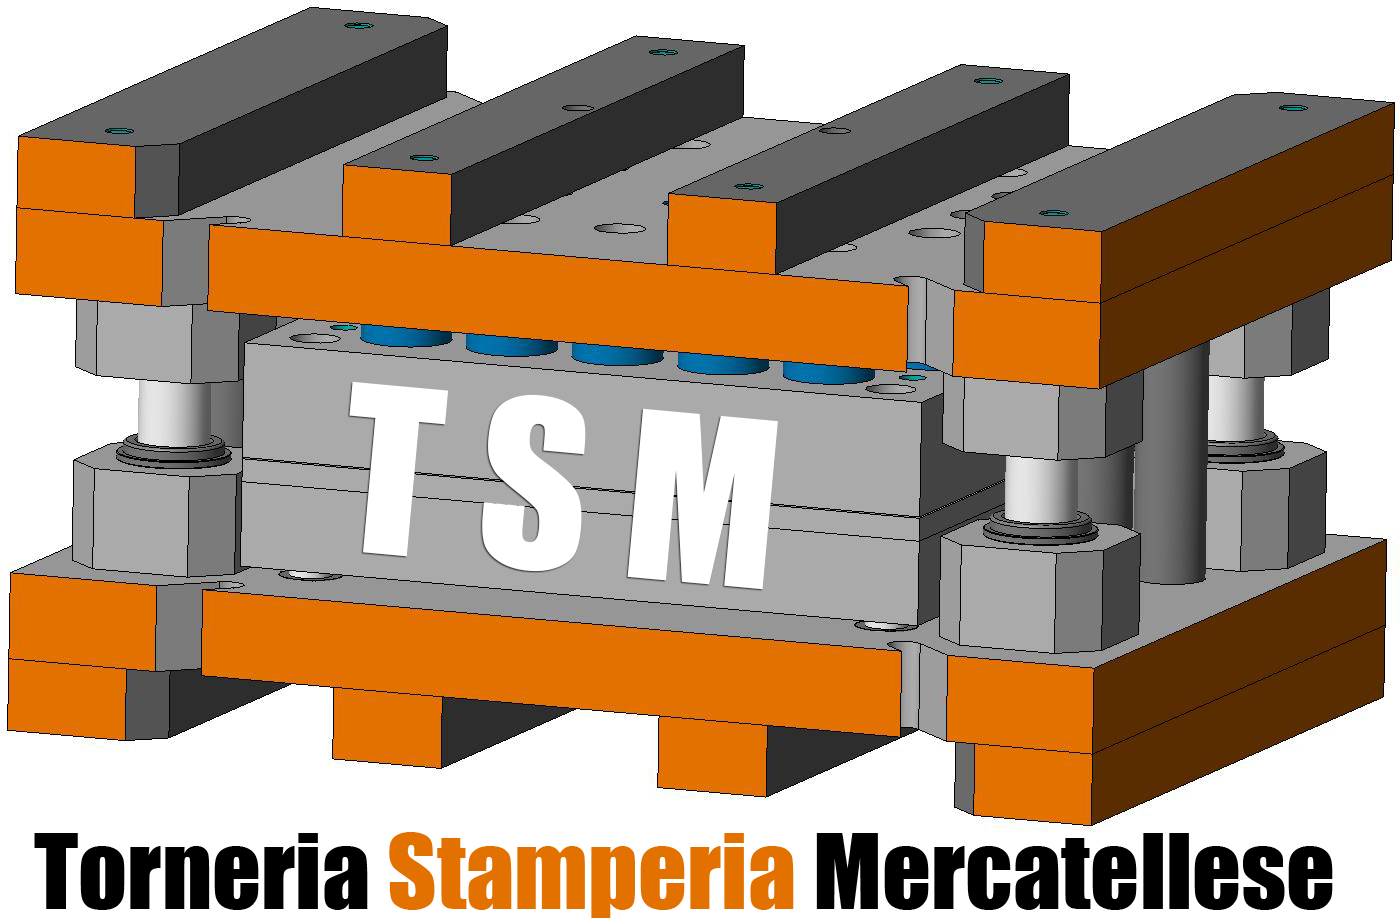 Stampi Pentole,stampi lamiere, stampi plastica | Torneria Stamperia Mercatellese